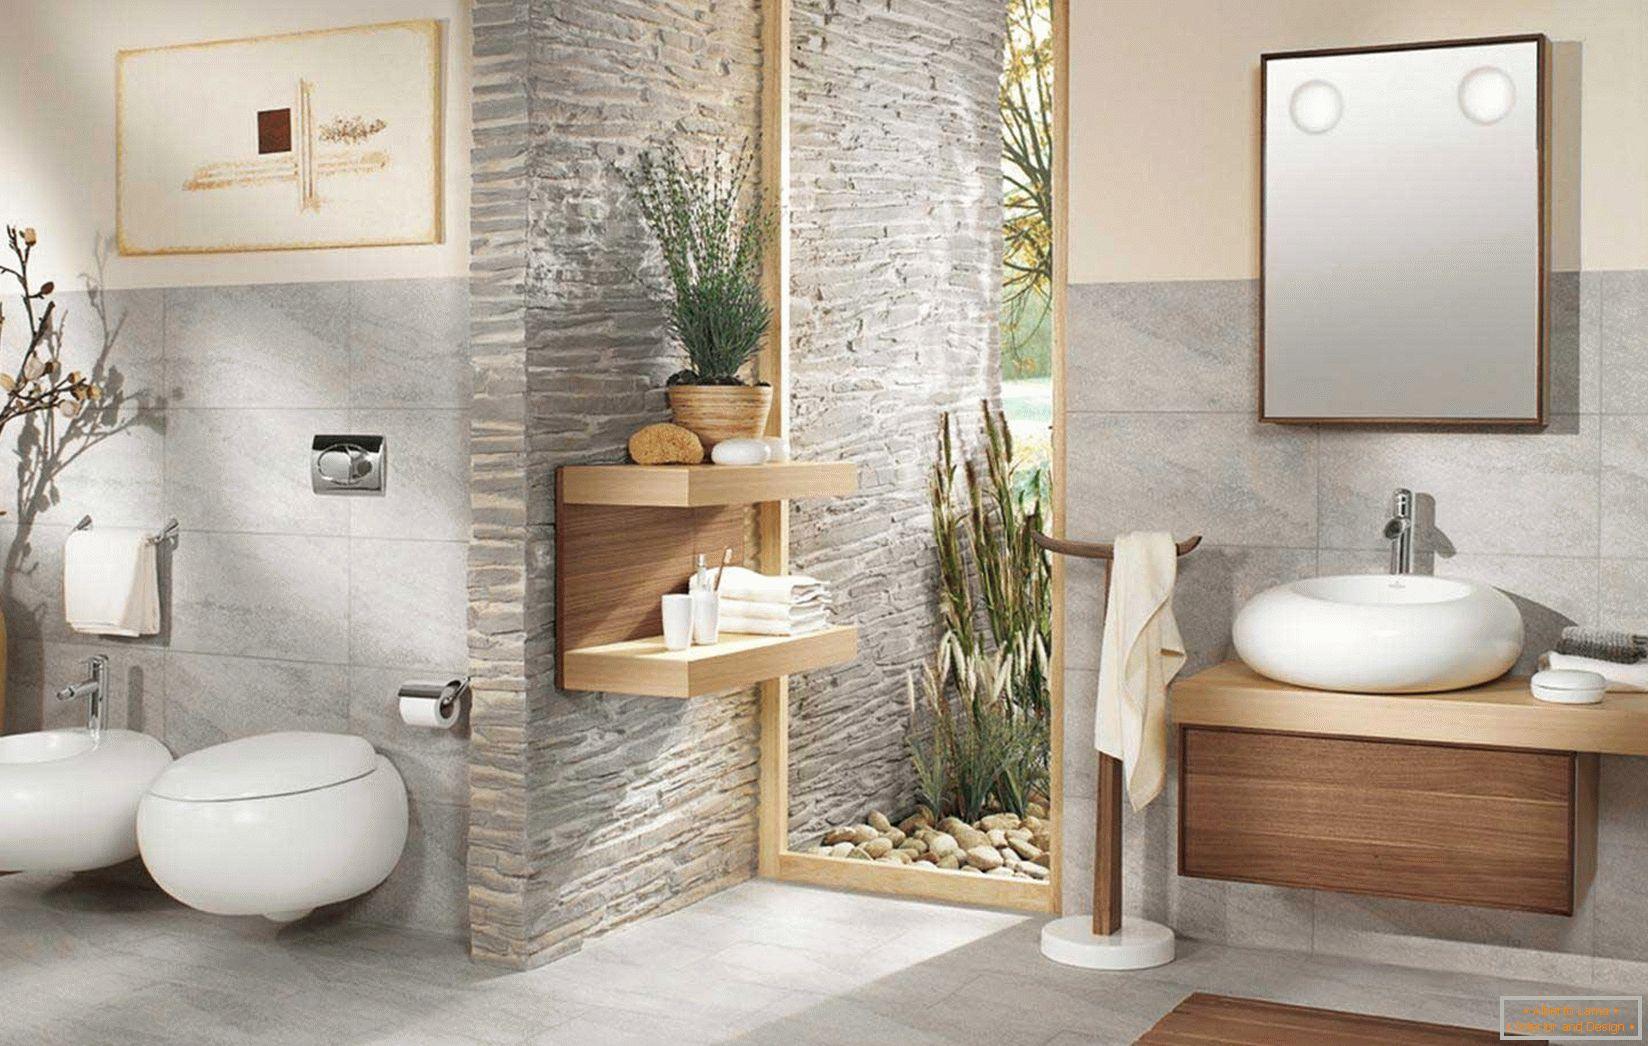 Cómo diseñar un cuarto de baño pequeño: consejos prácticos